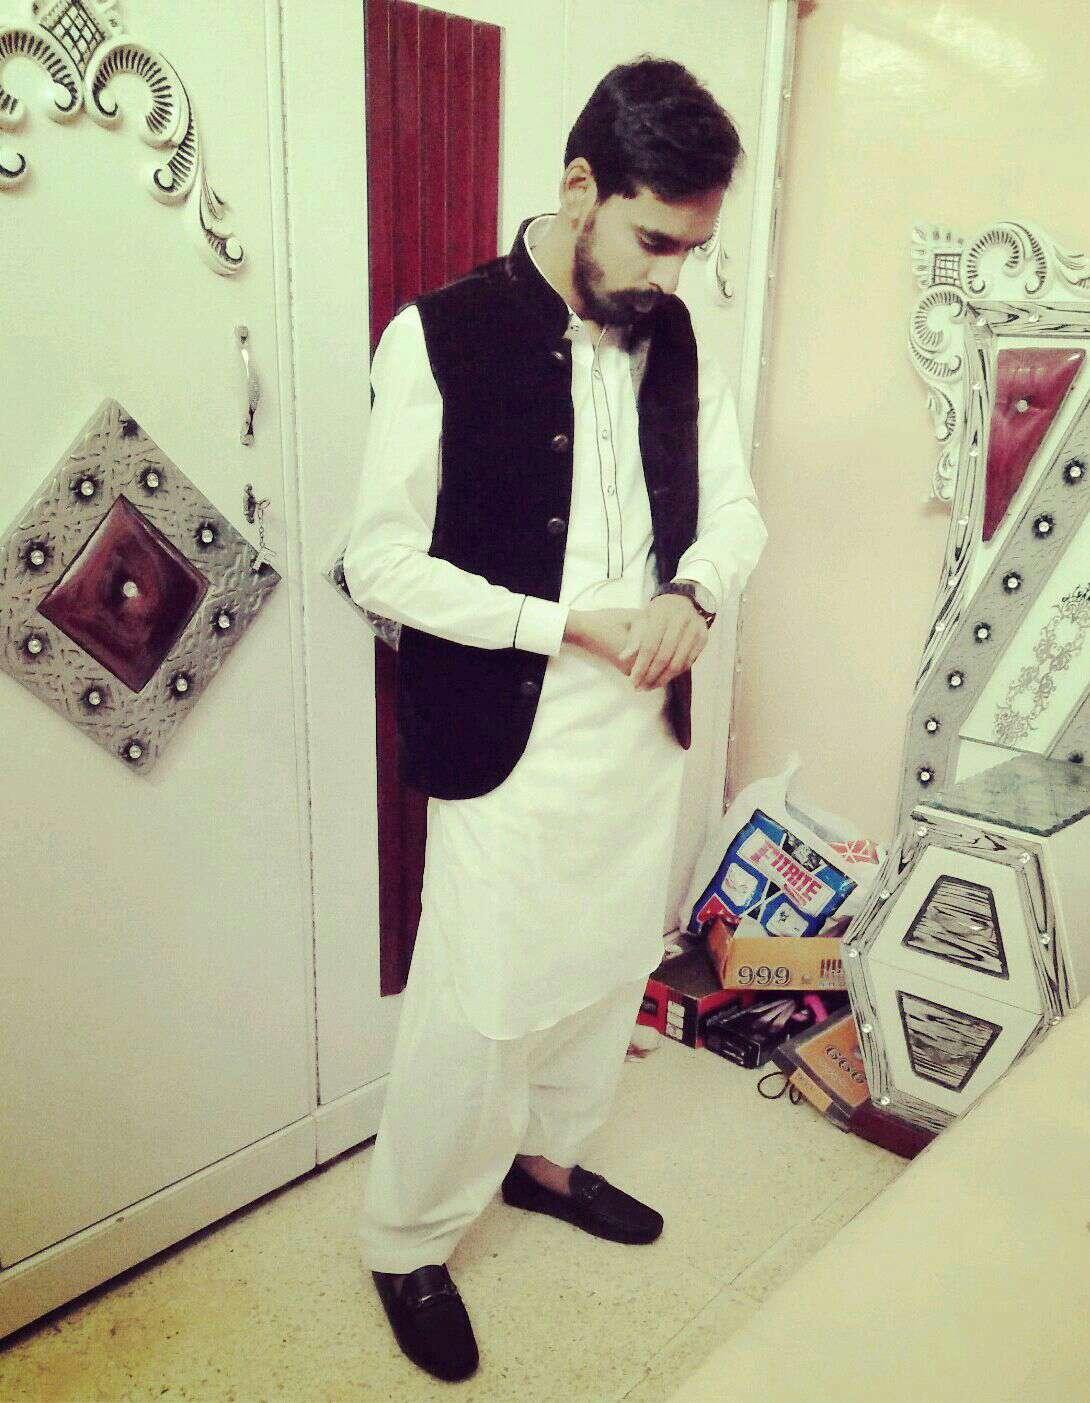 Farooq Memon